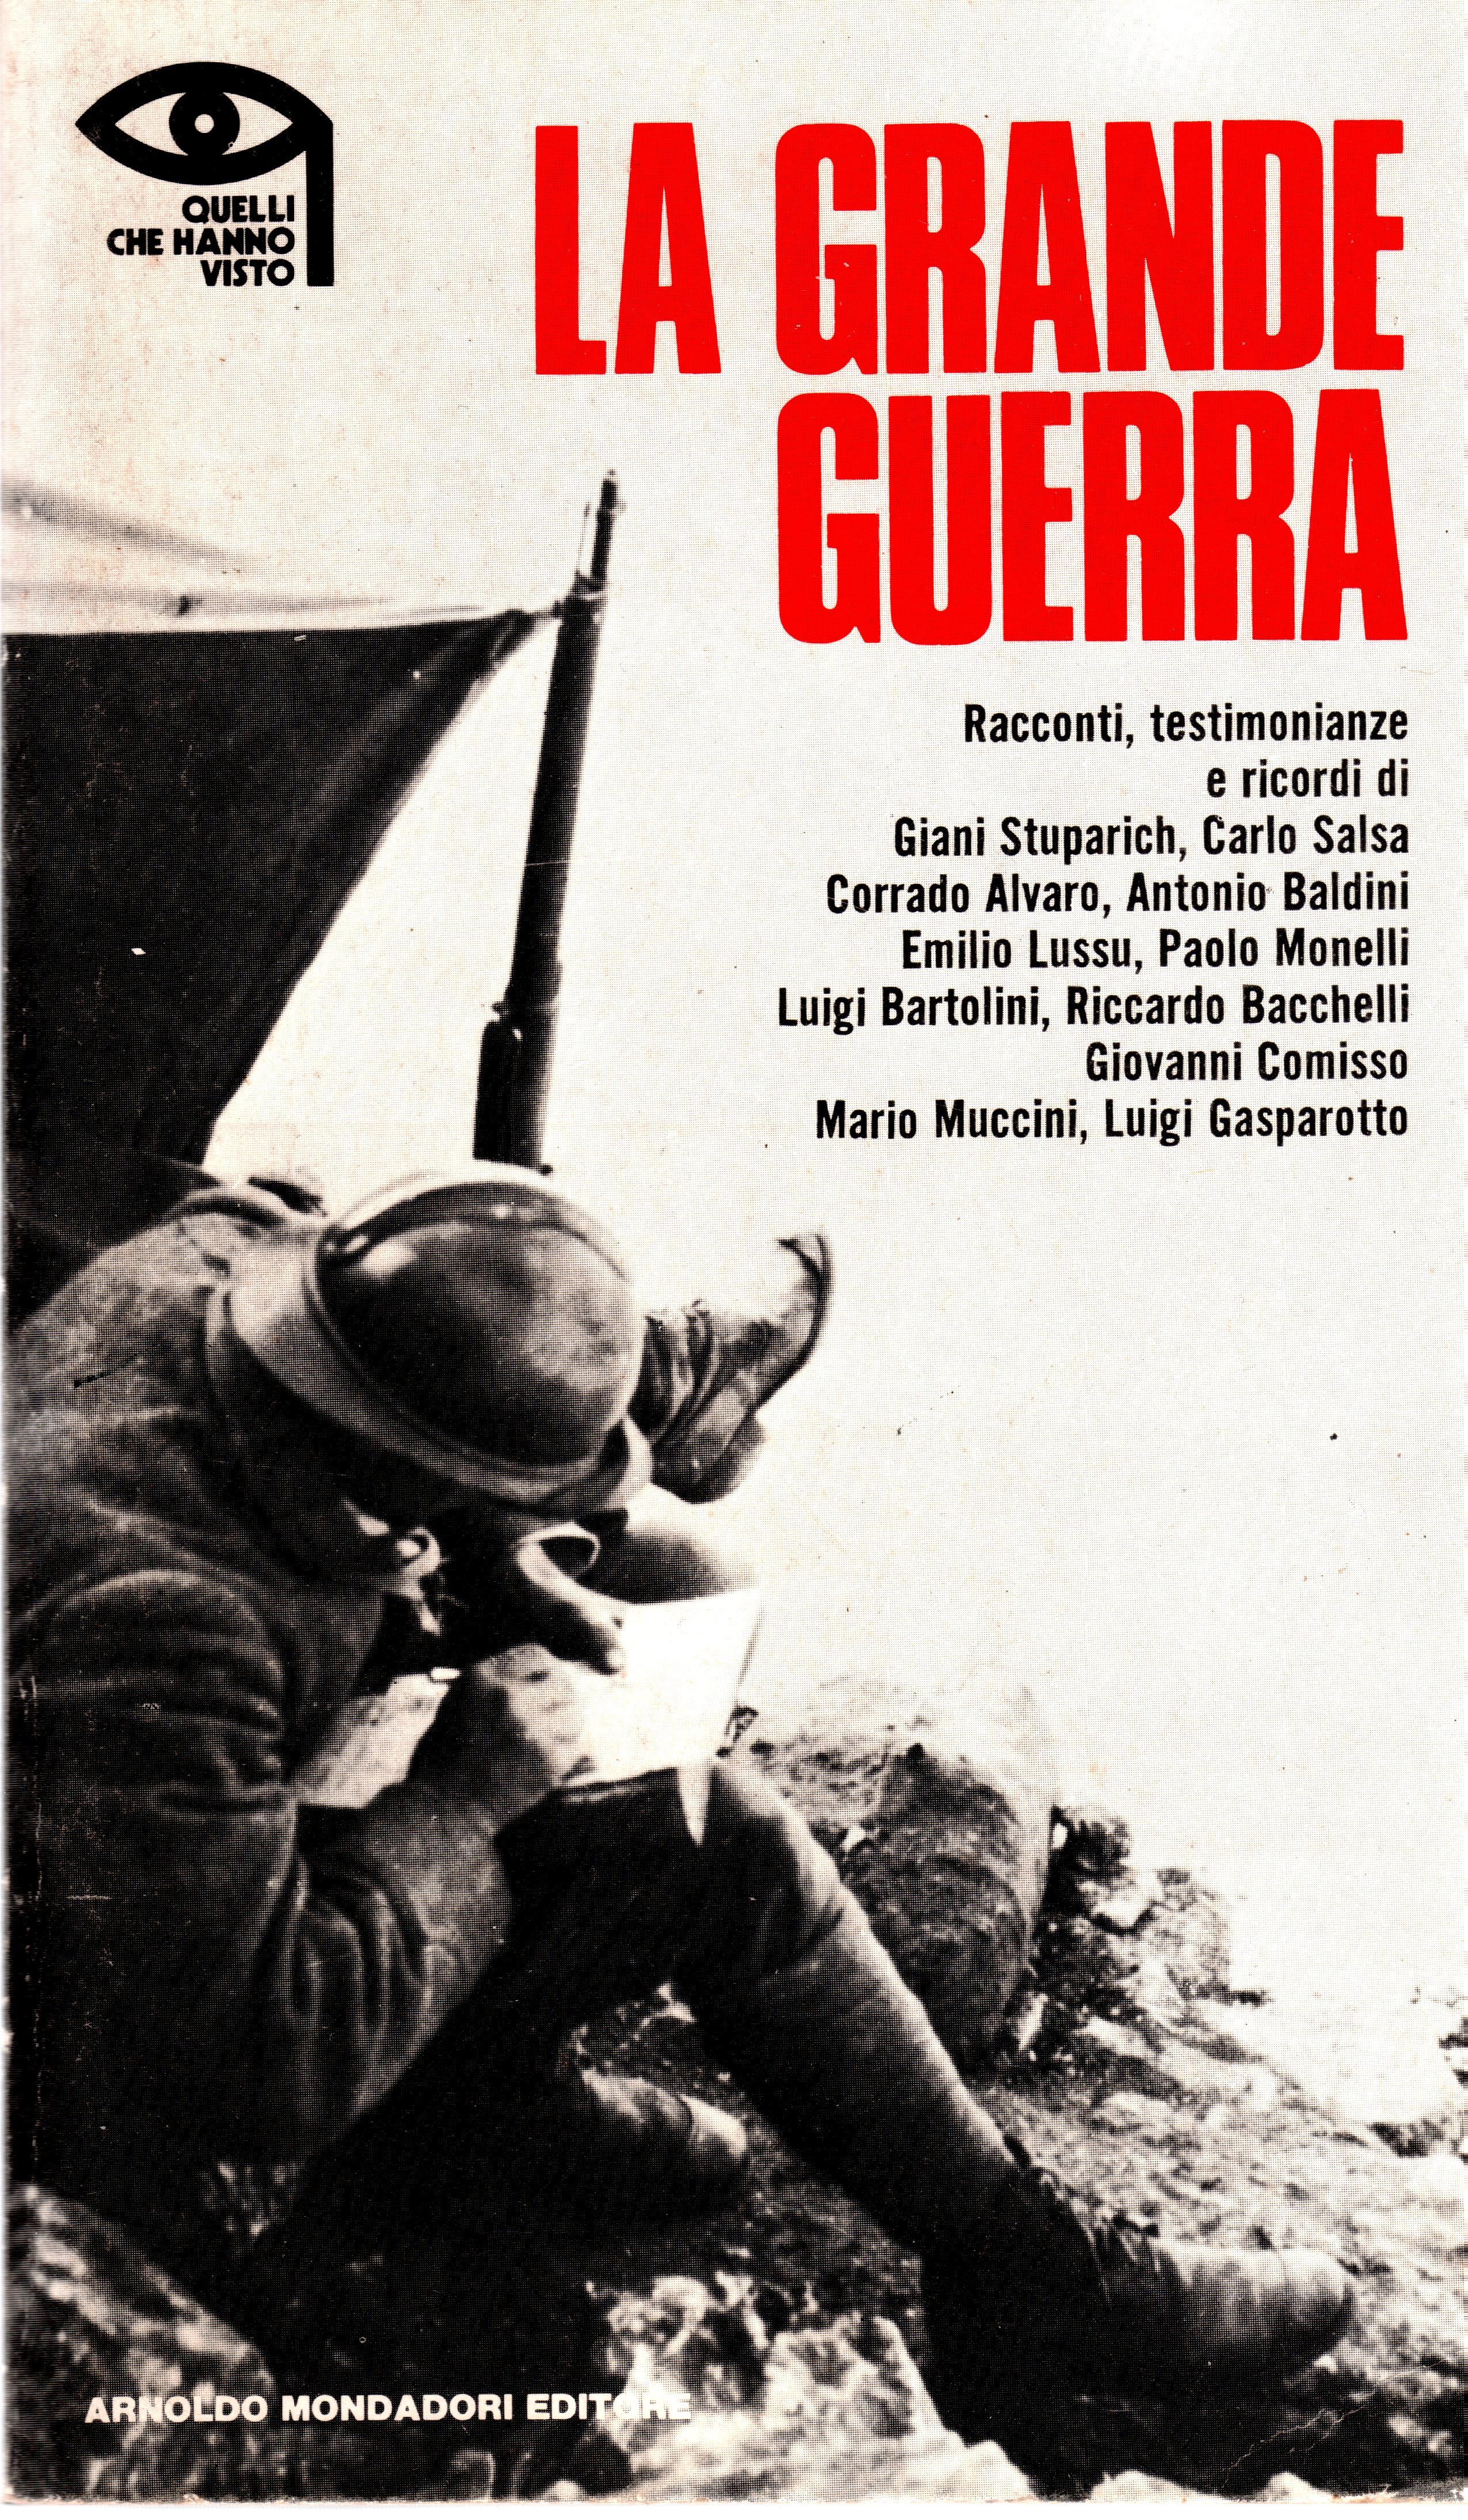 Lucio Ceva, LA GRANDE GUERRA, Racconti, testimonianze e ricordi. Arnoldo Mondadori Editore, Milano 1976